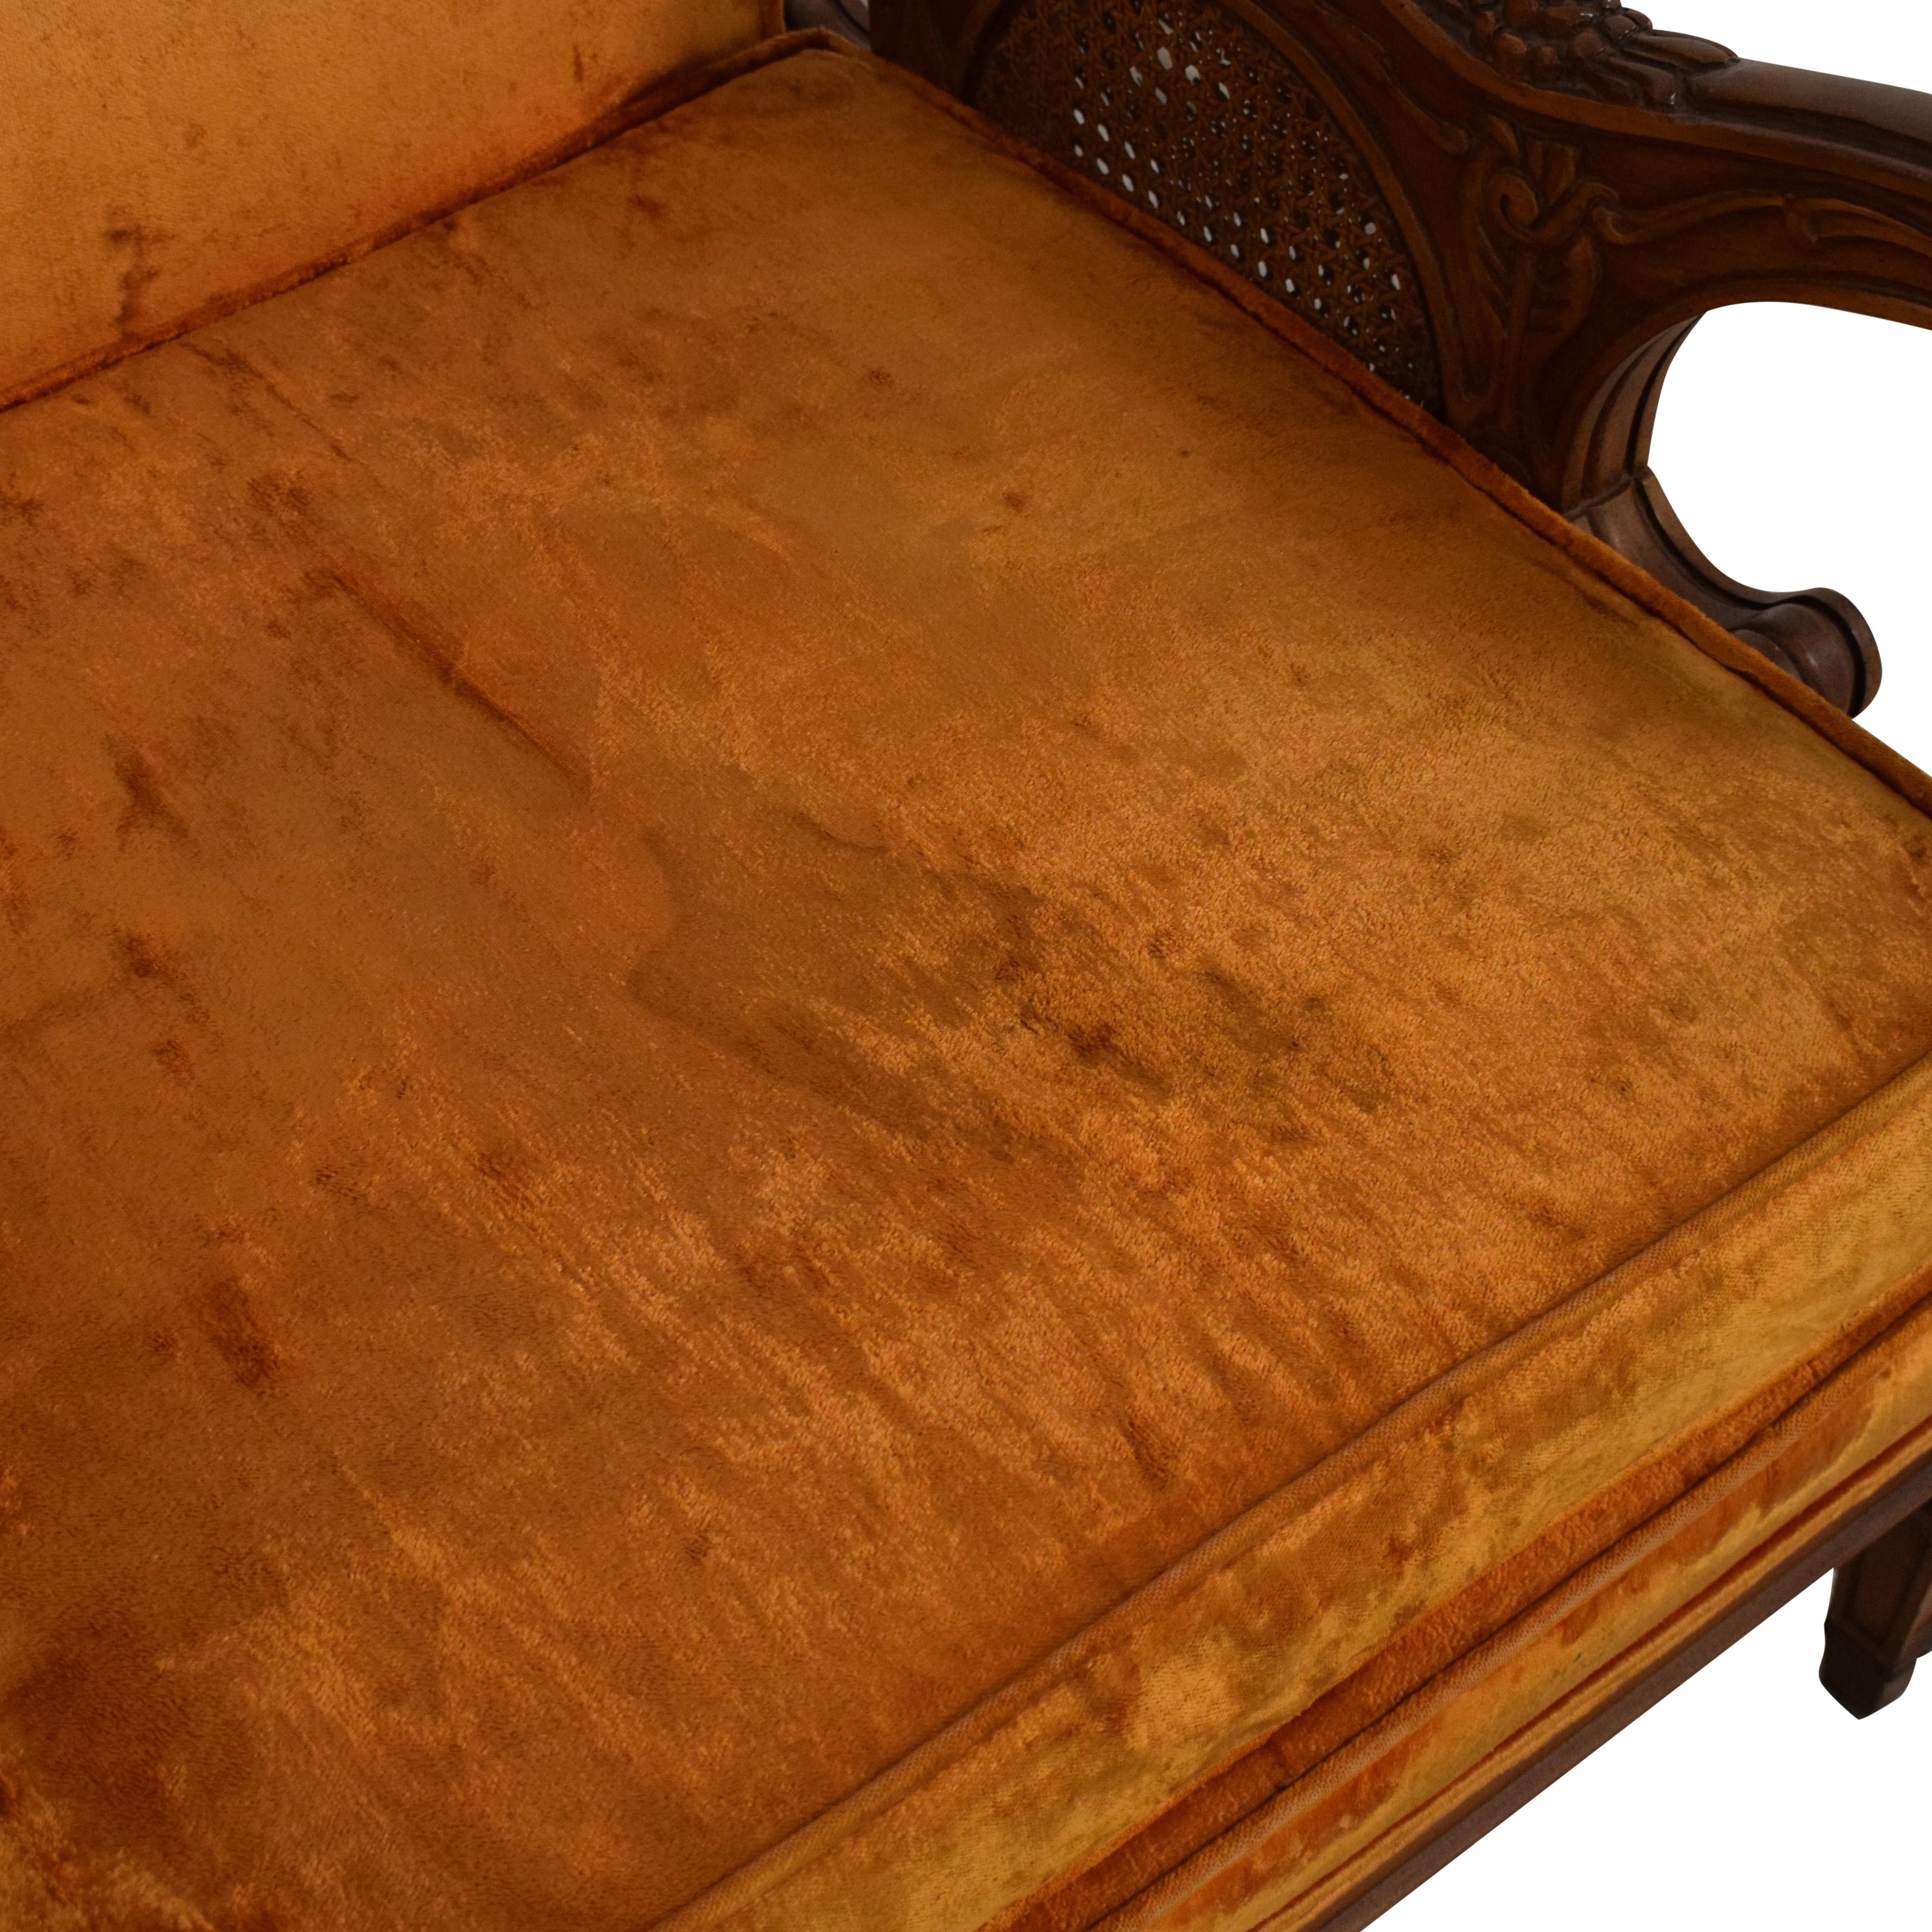 S. Miller S Miller Vintage Upholstered Armchair orange and brown